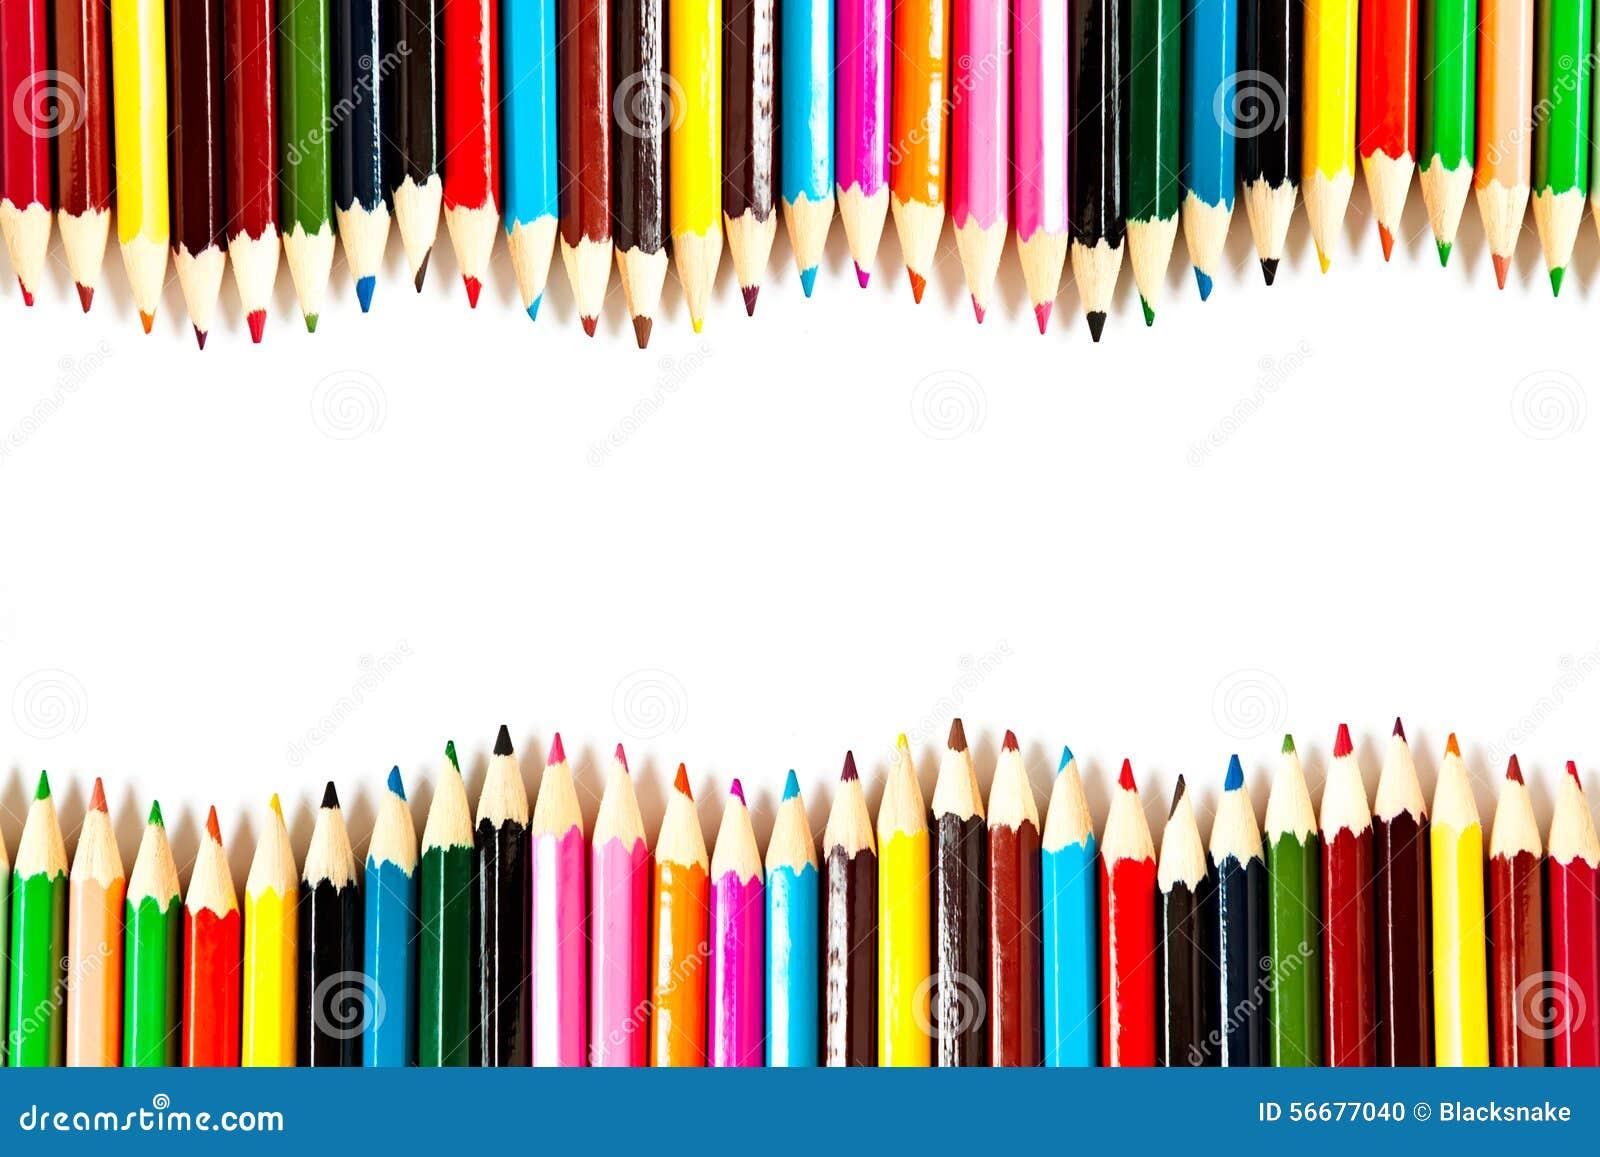 Children Color Palette